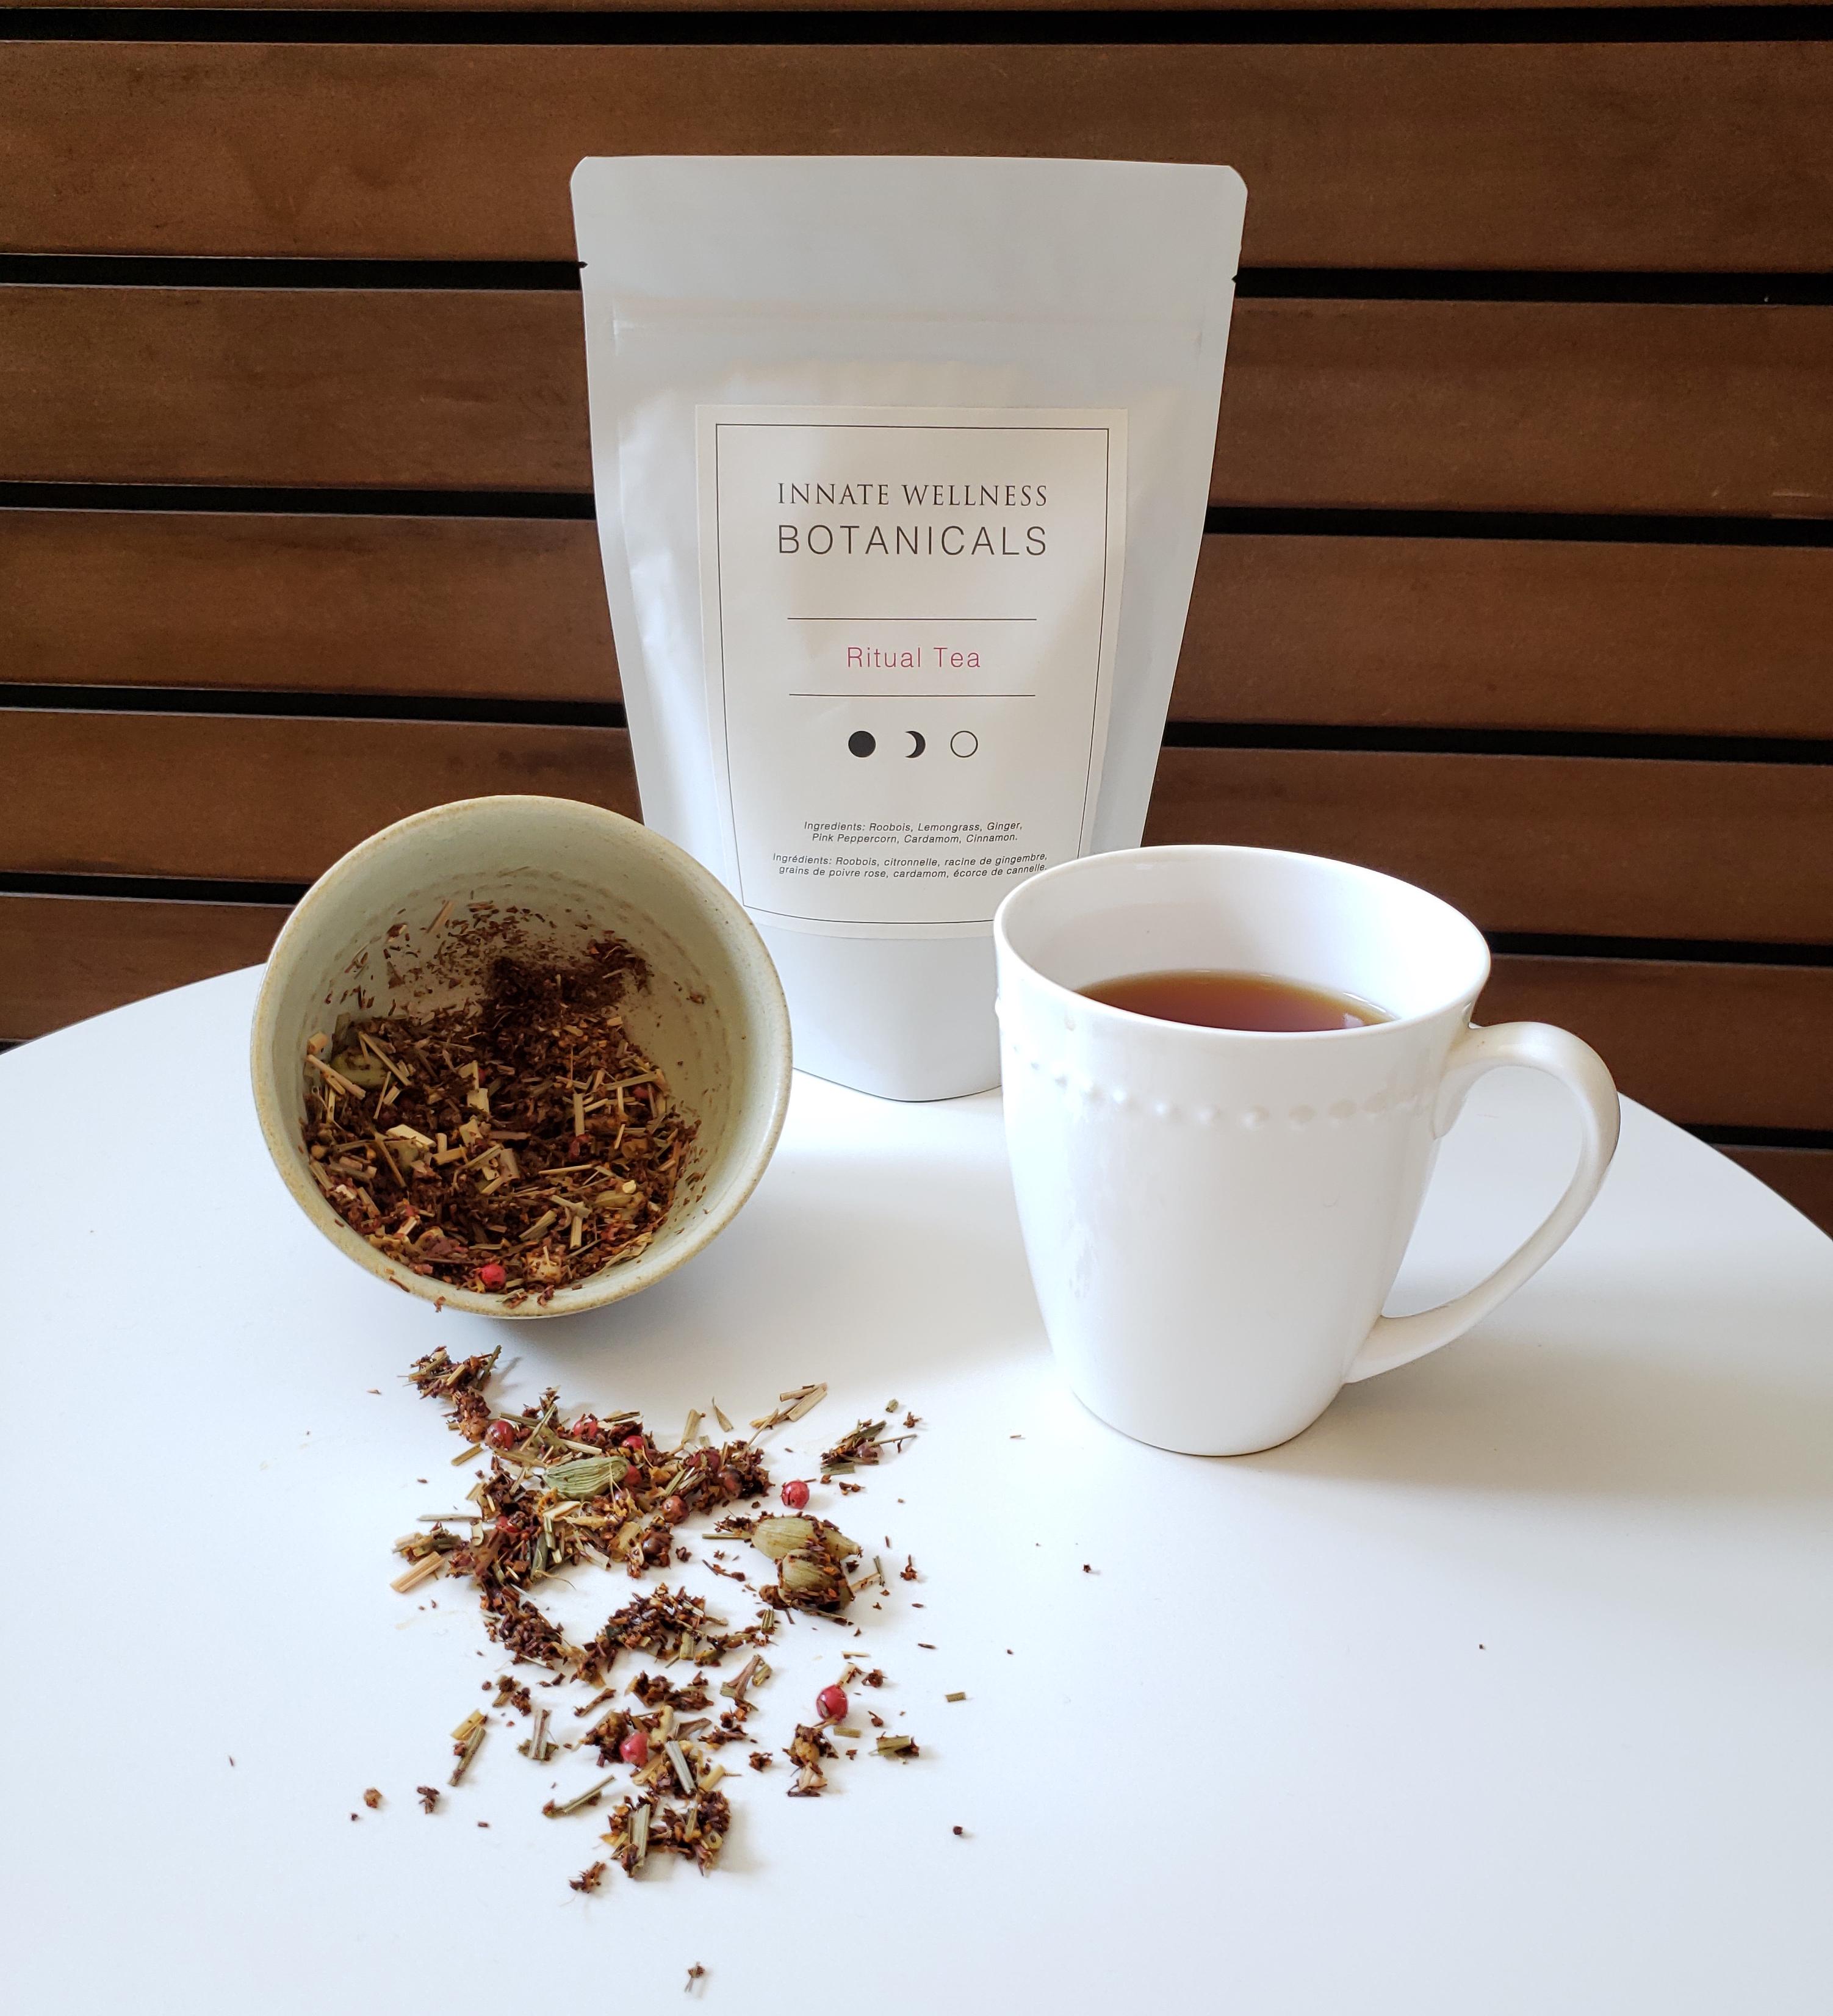 The Ritual Tea